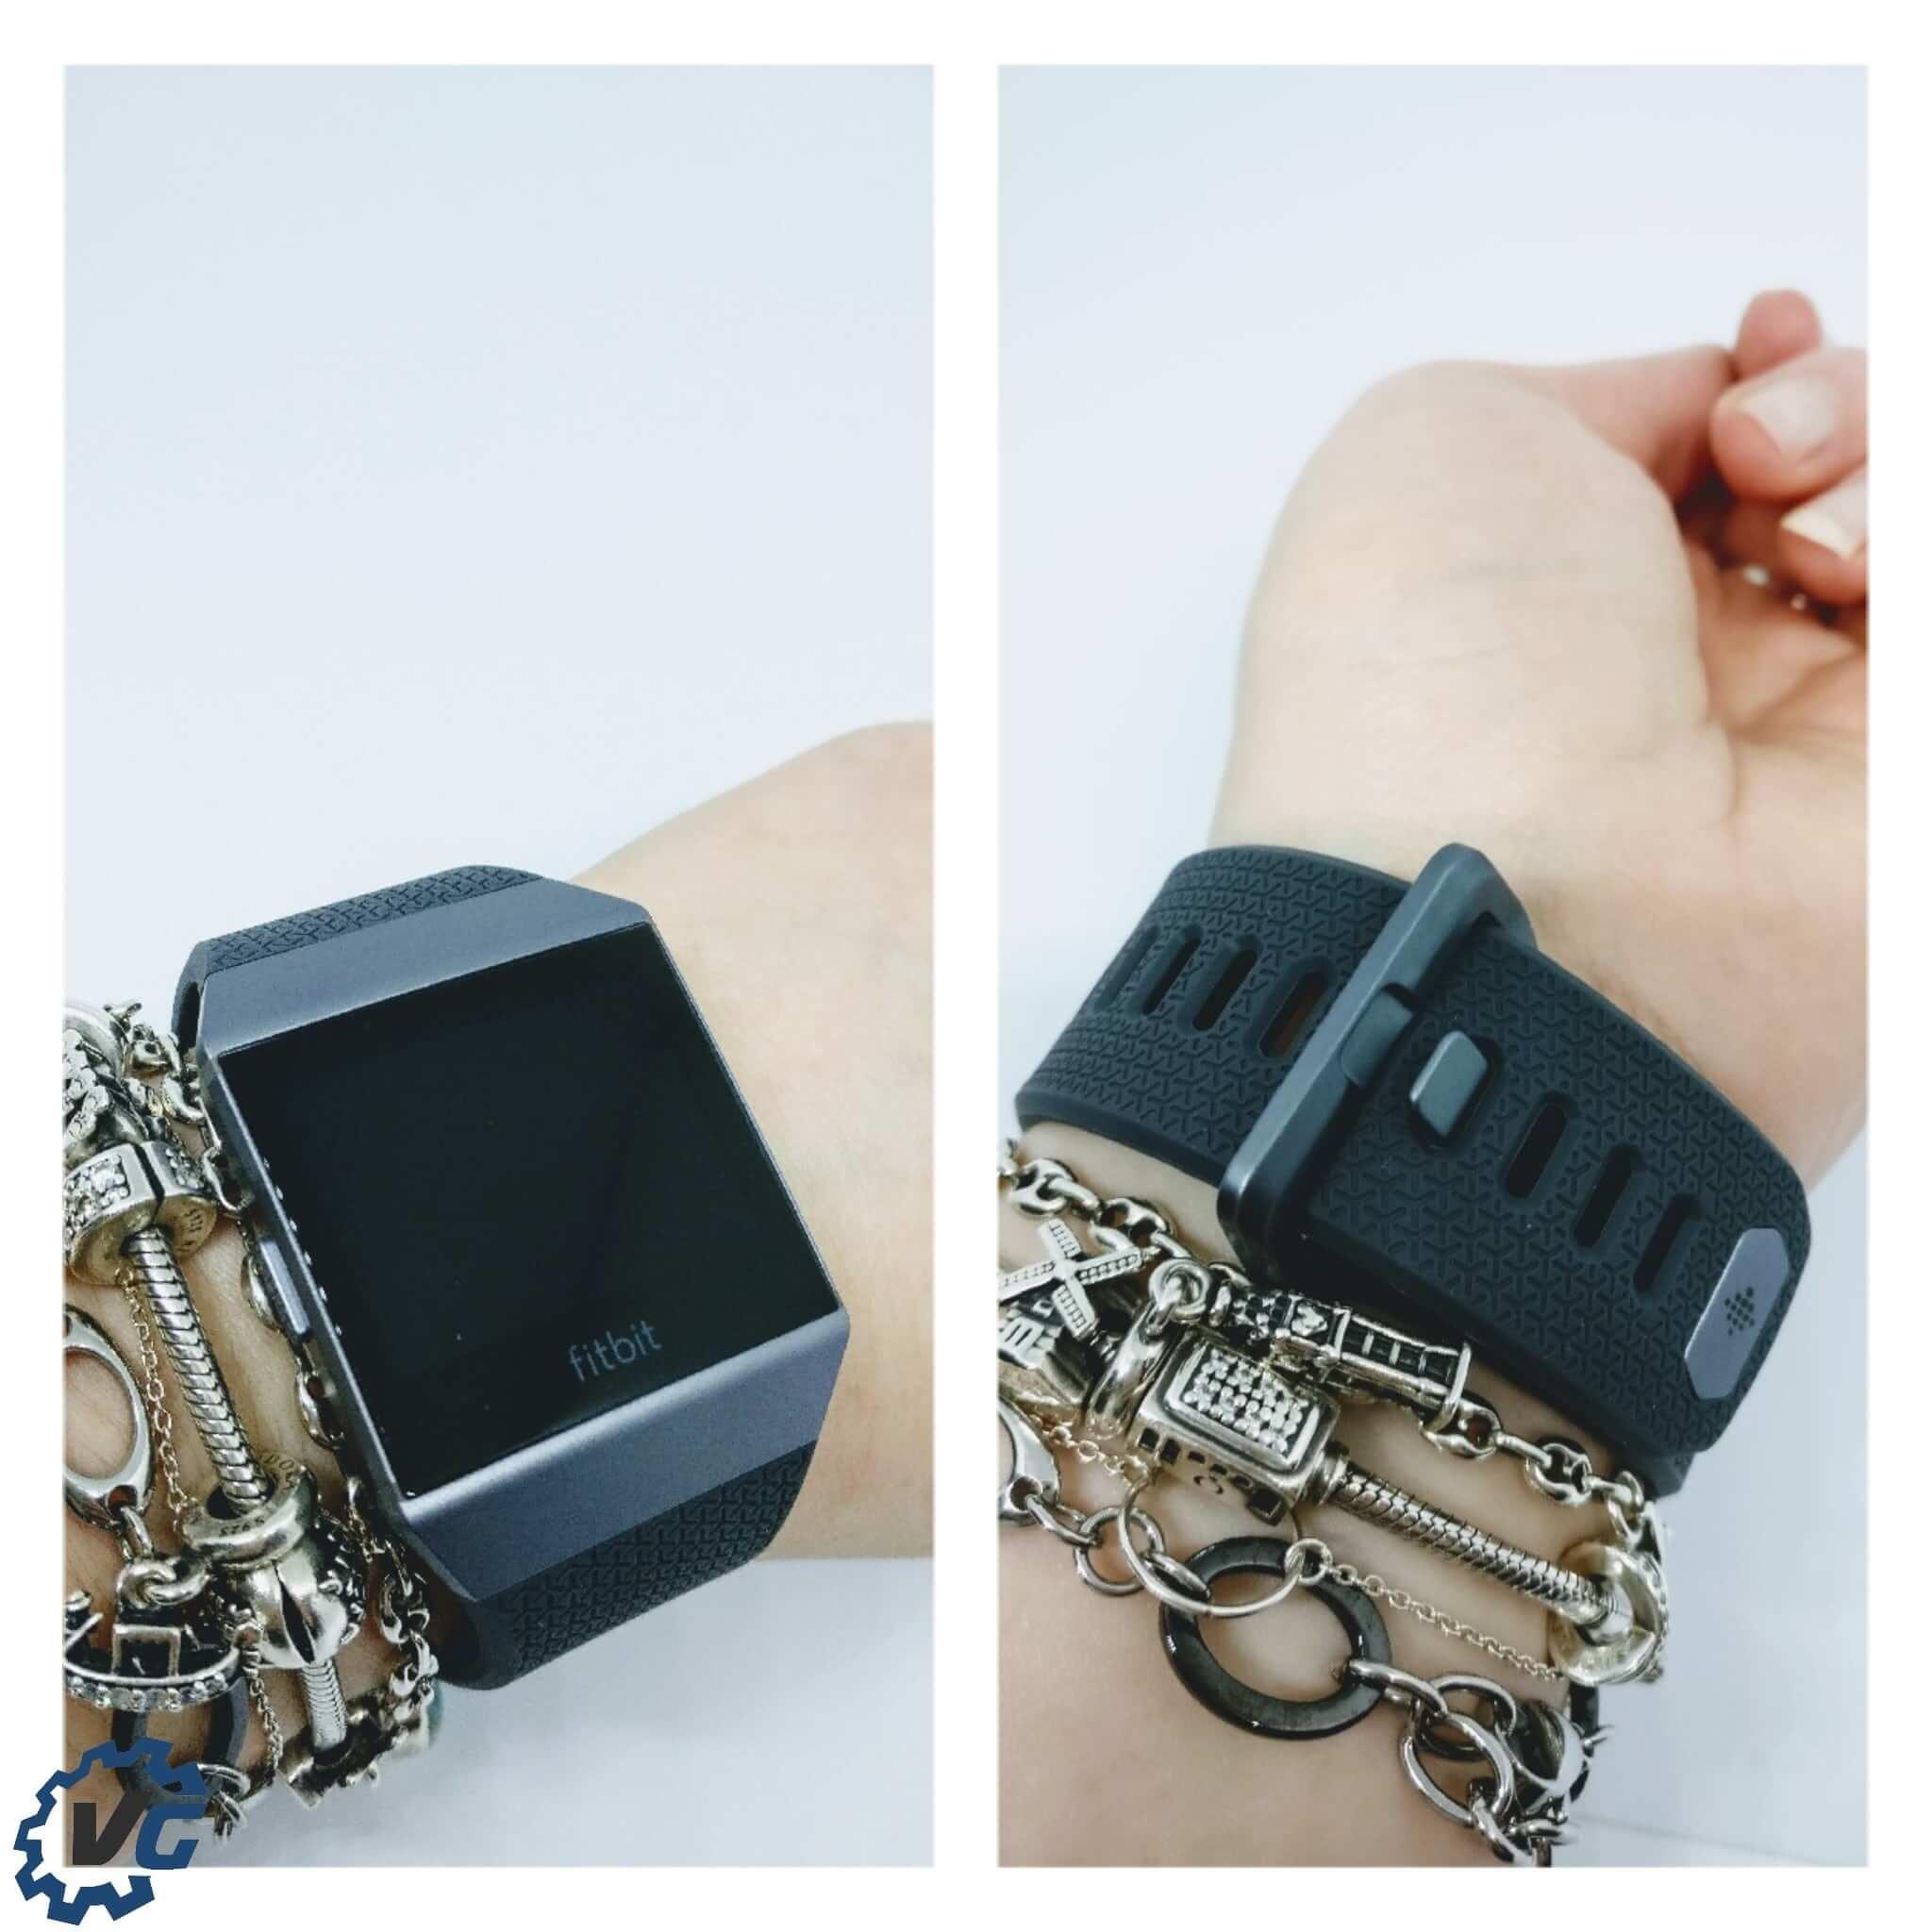 Fitbit Ionic montre connectée aperçu